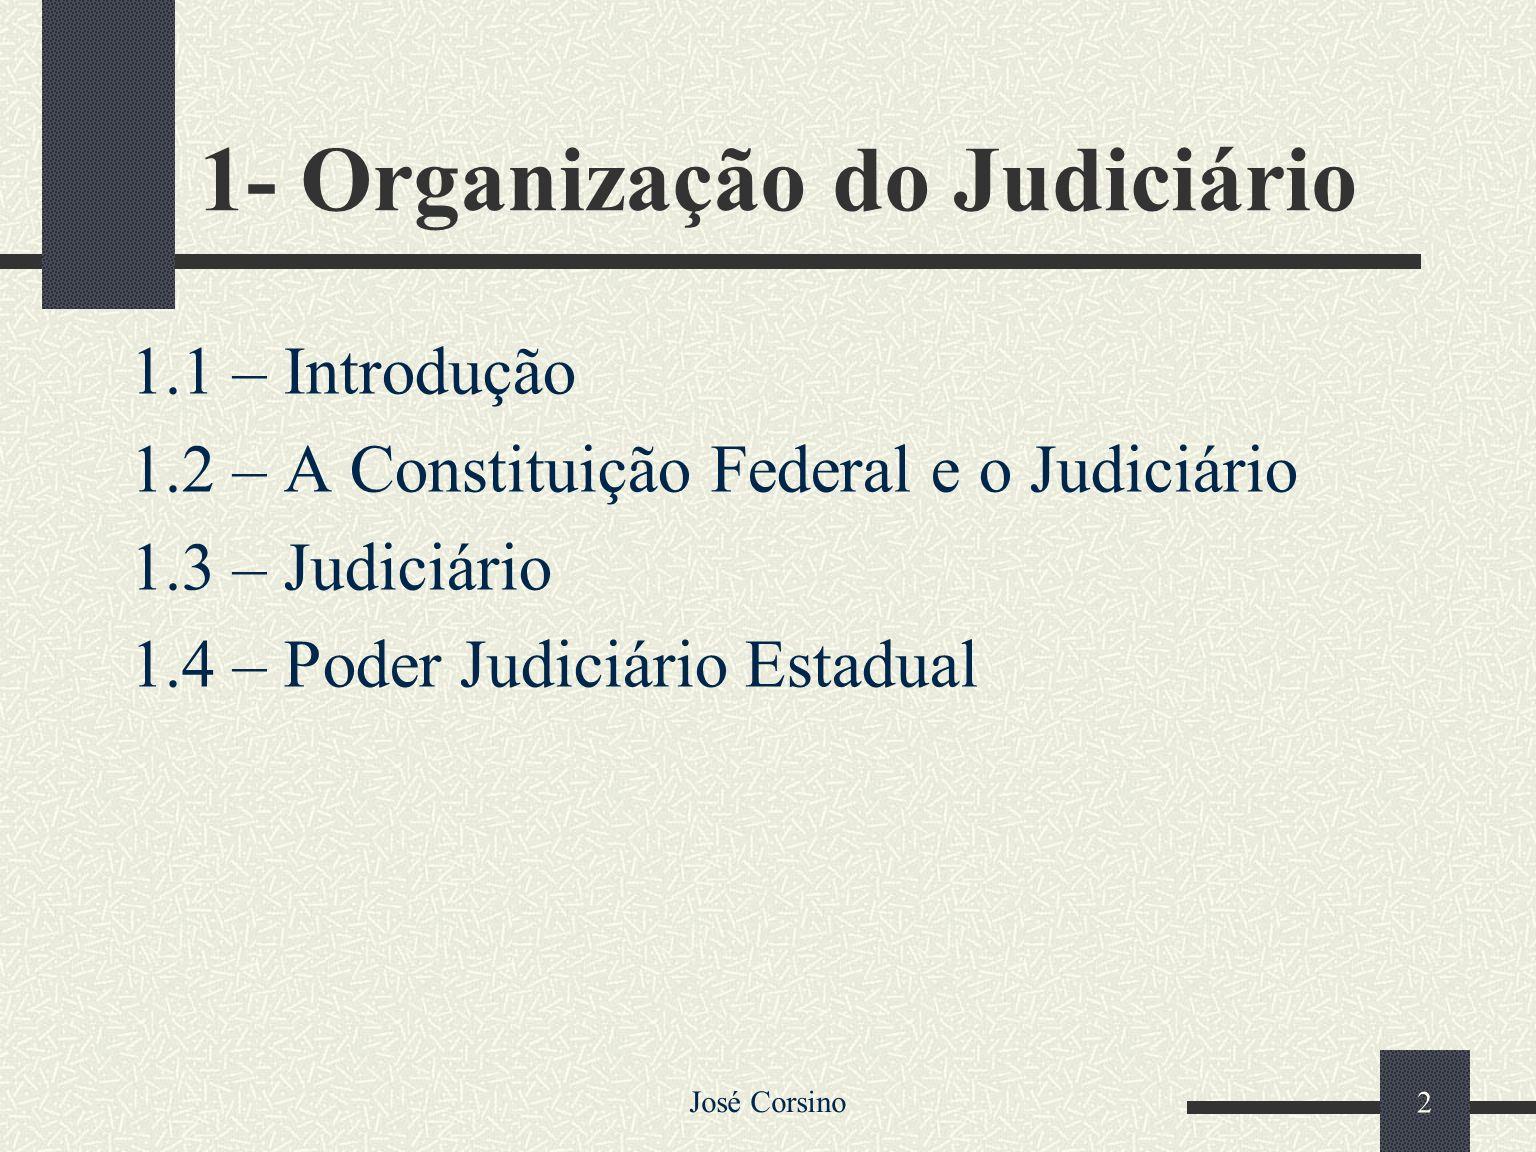 1- Organização do Judiciário